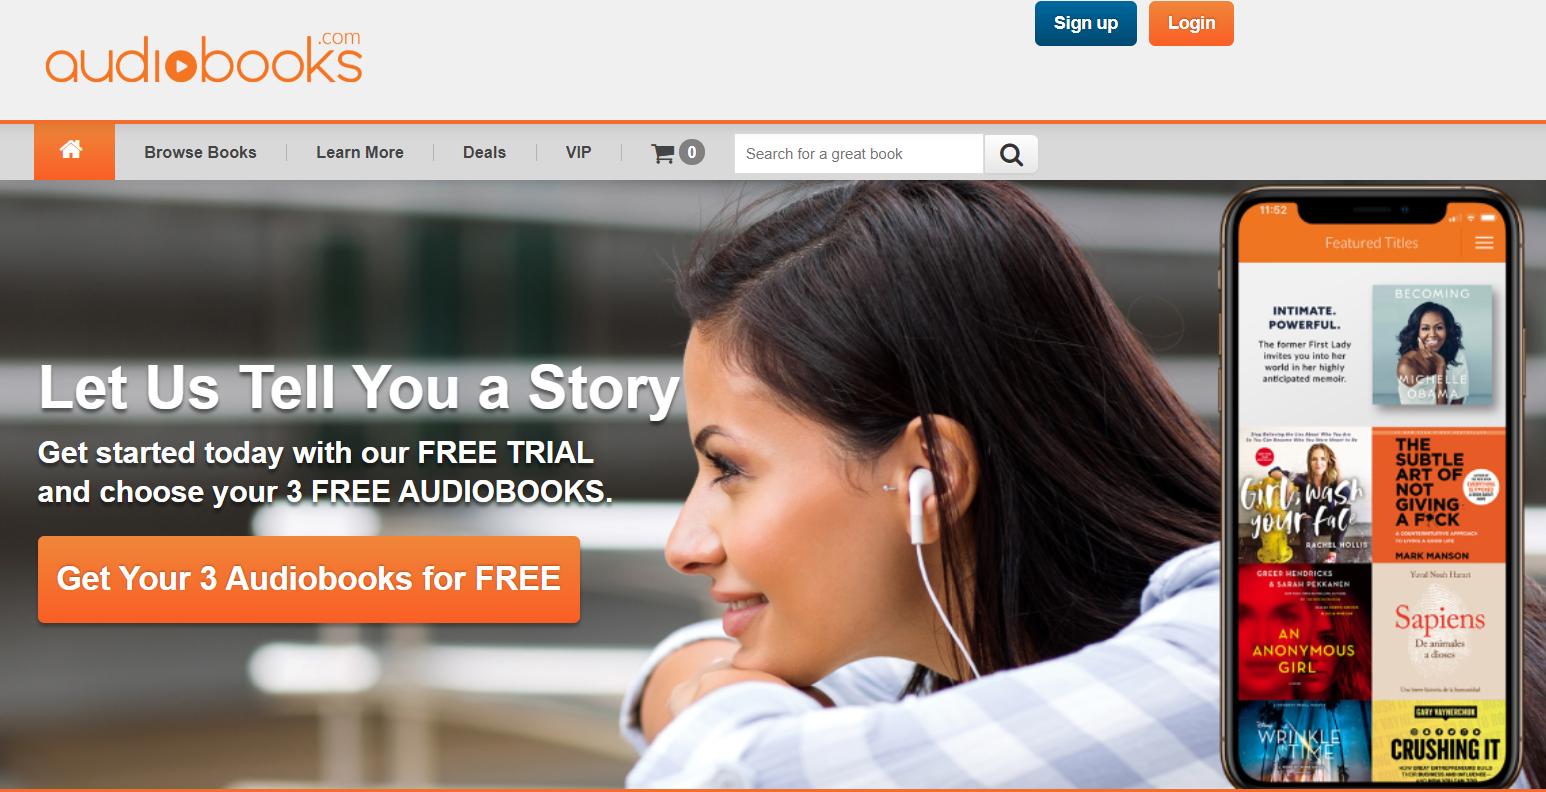 Audiobooks.com Review - Audiobooks